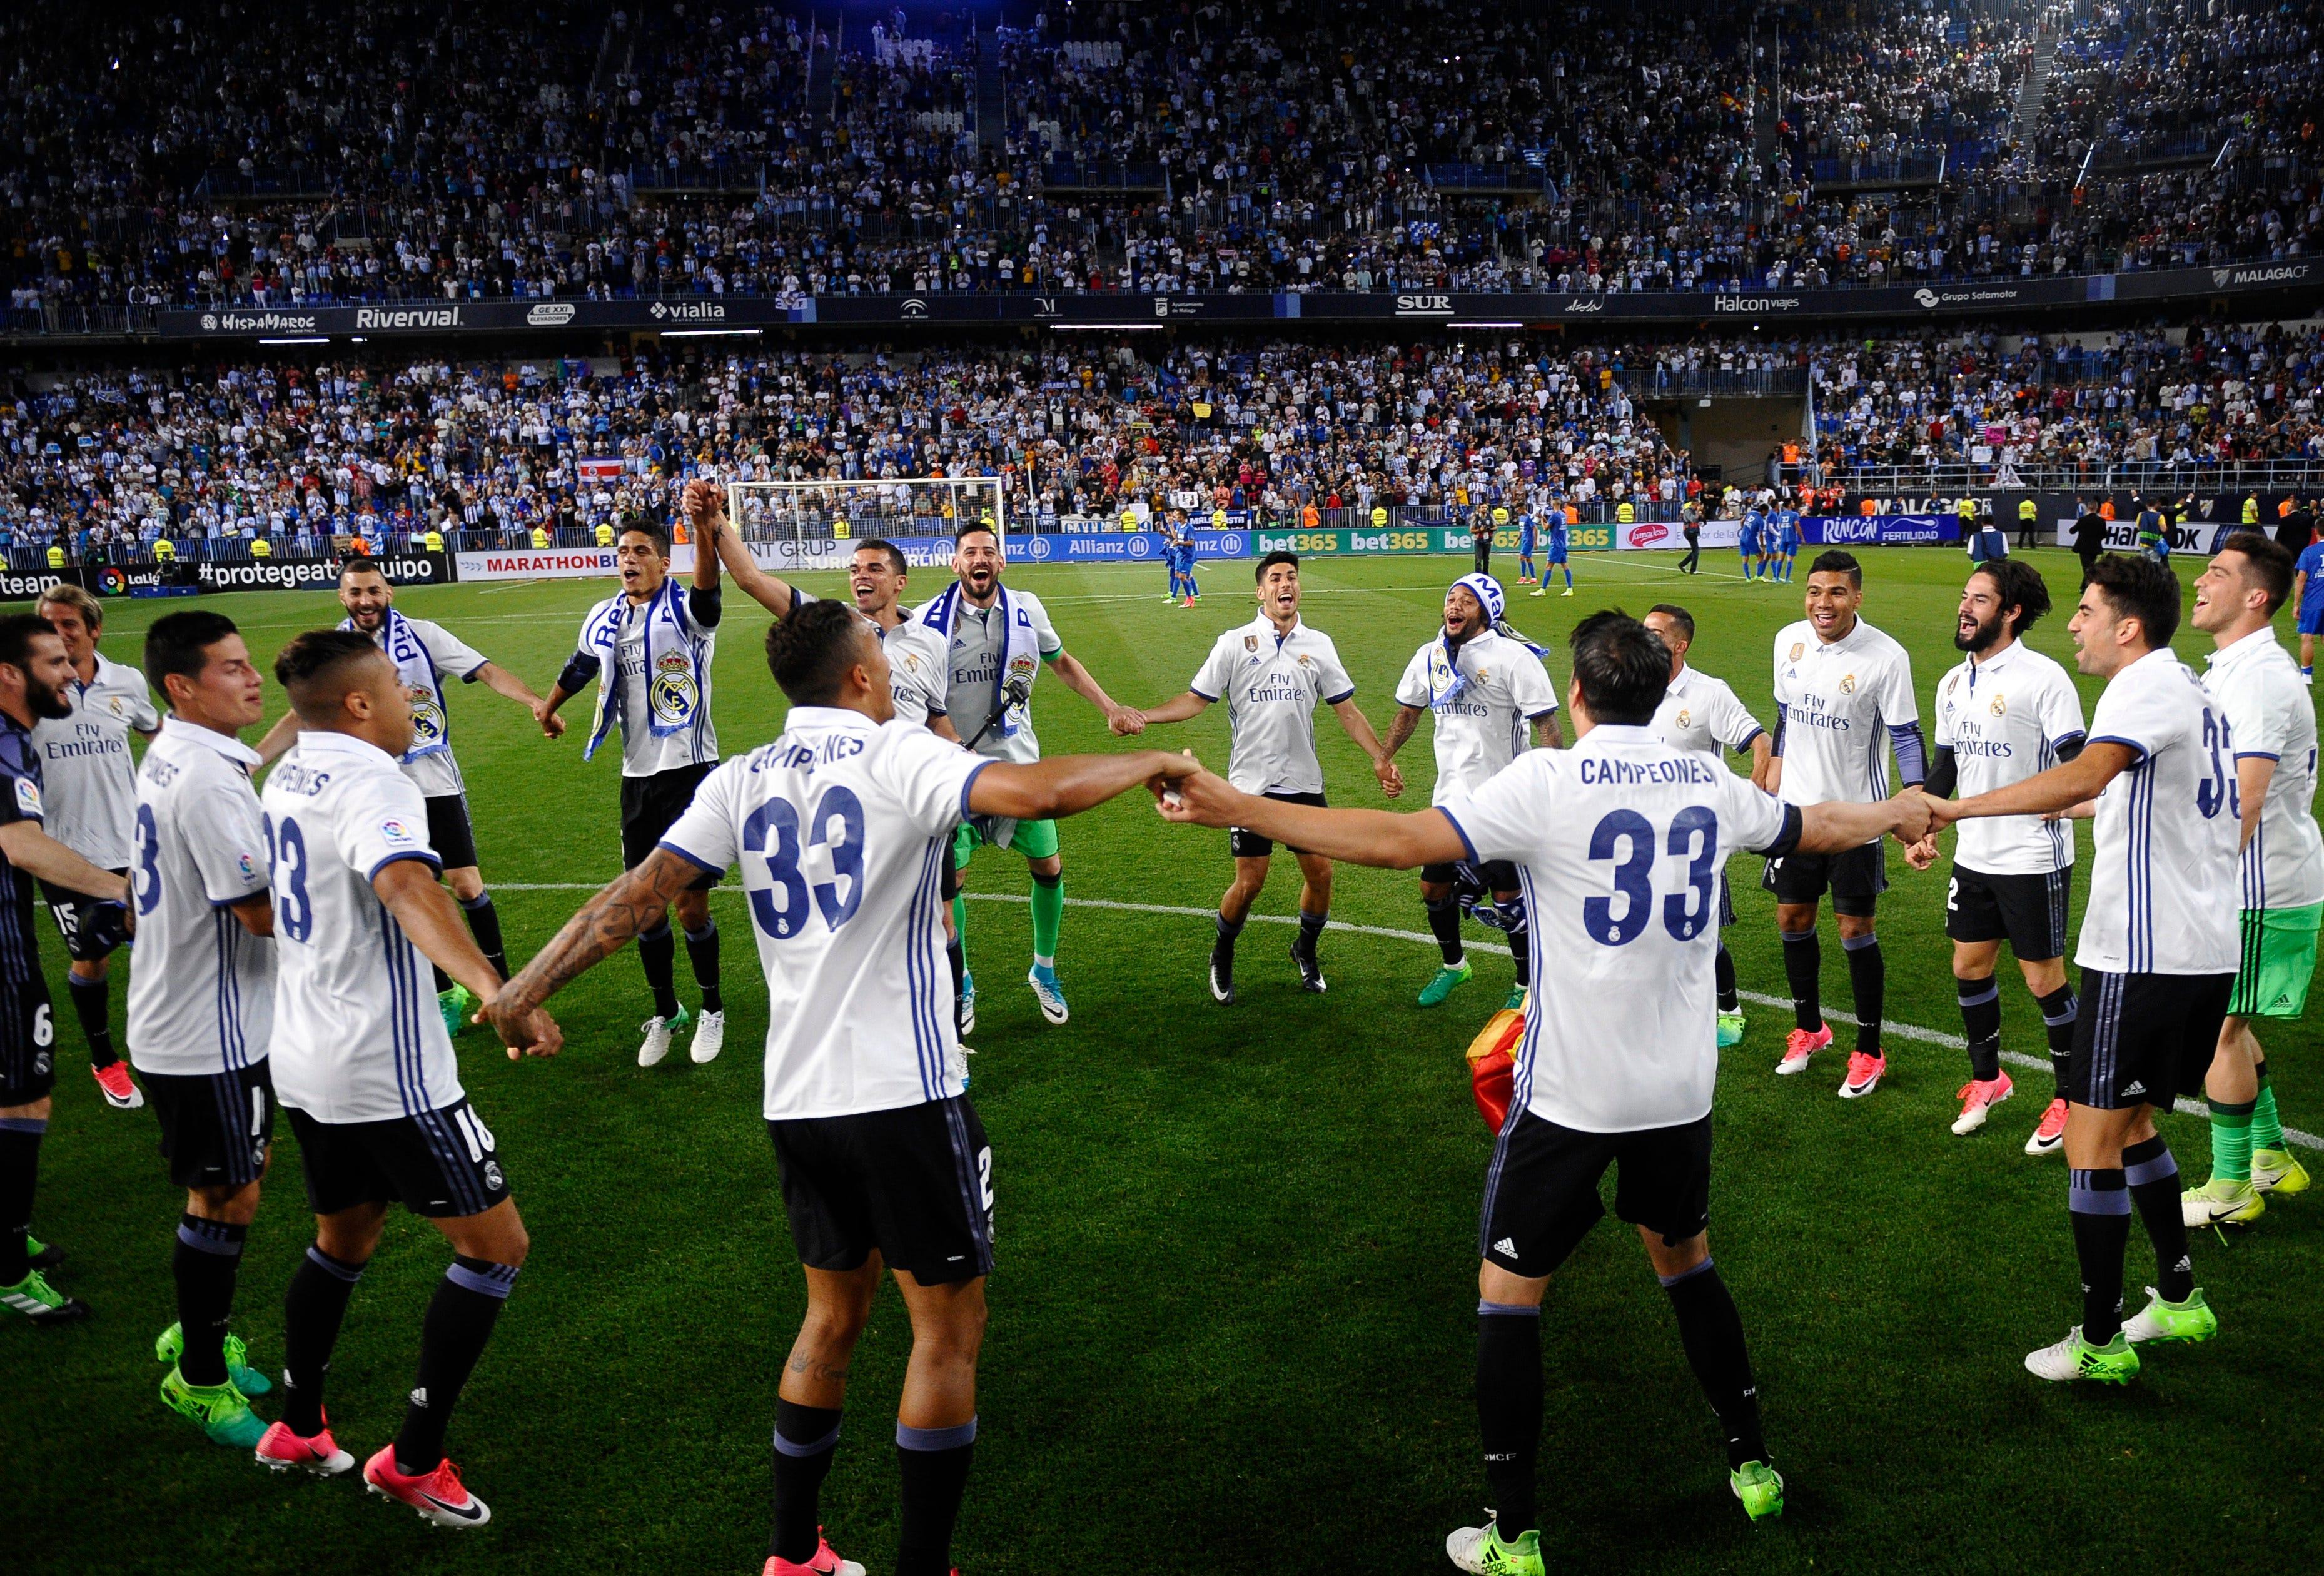 How Zidane and Ronaldo led Madrid to Spanish league title